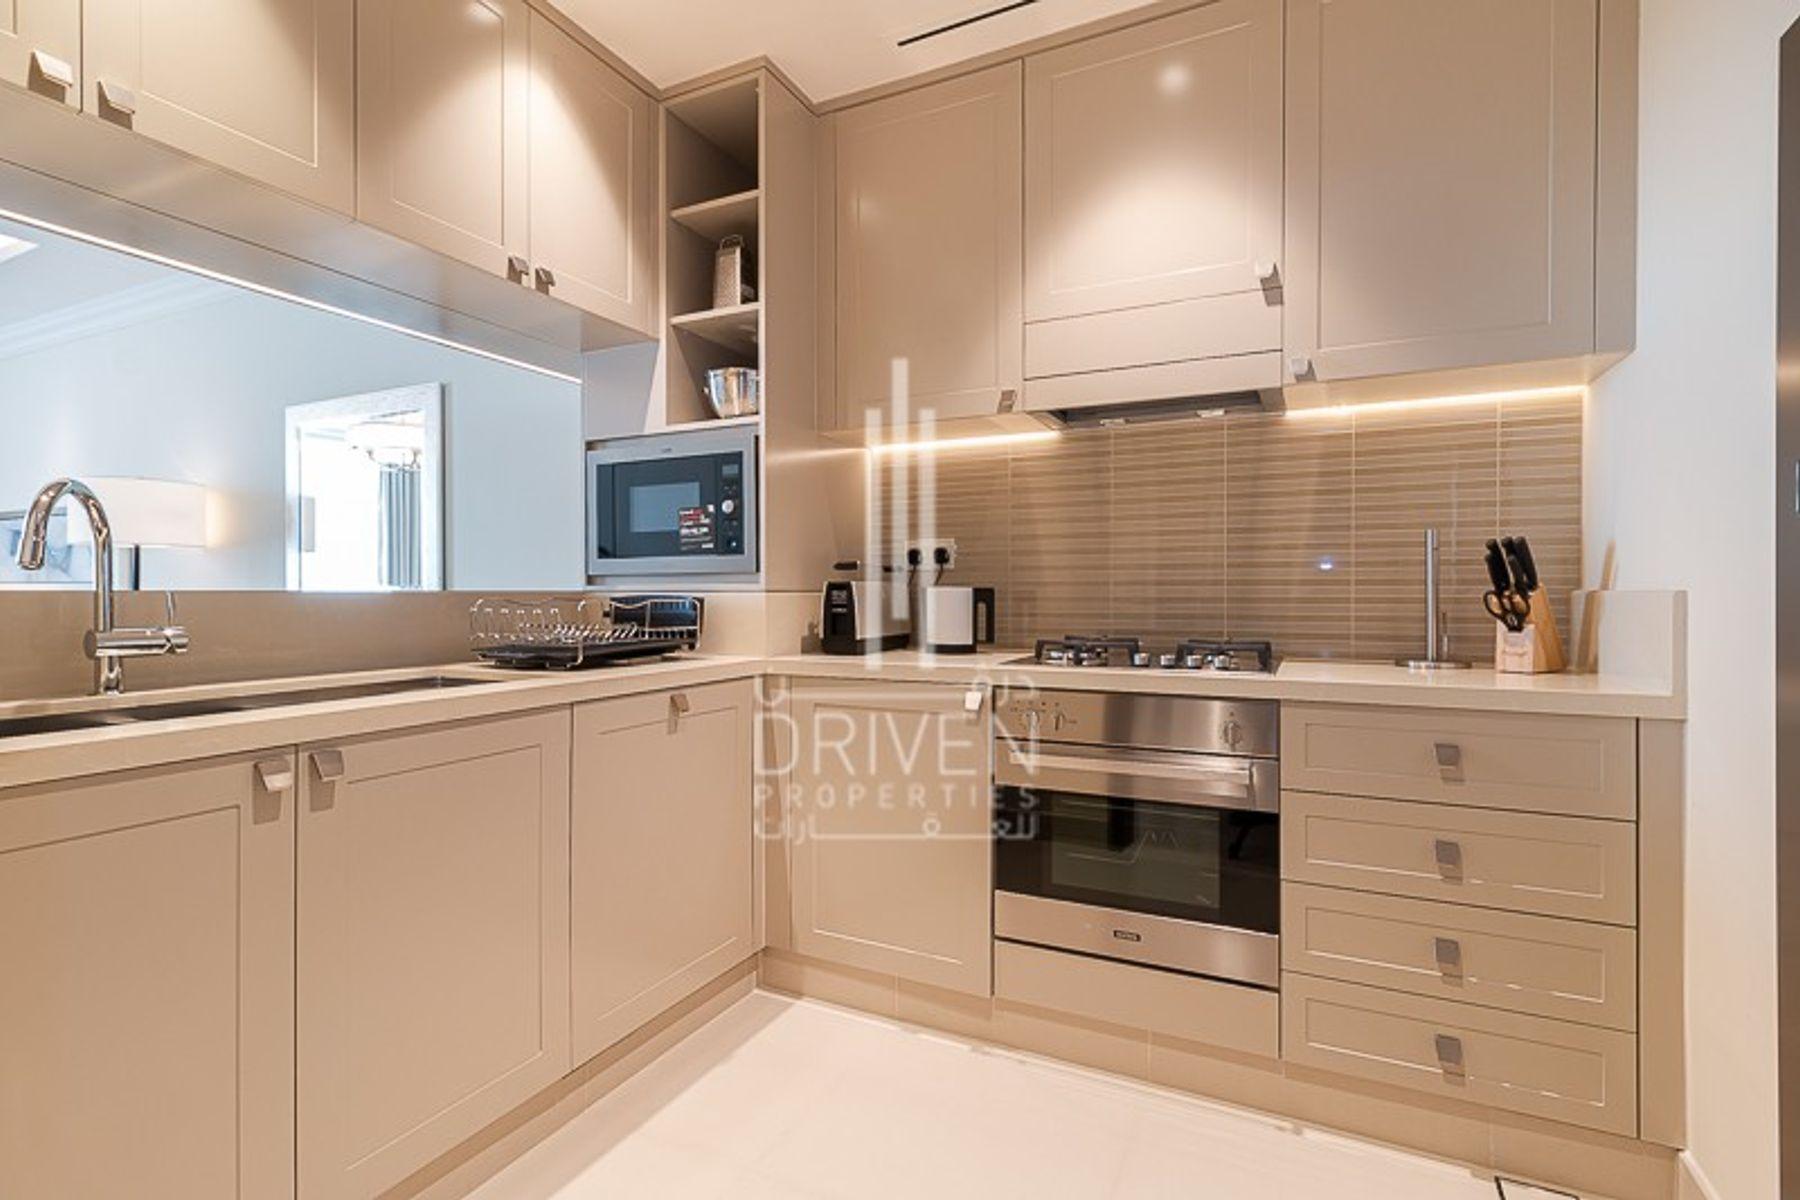 للايجار - شقة - العنوان رزيدنس فاونتن فيوز  2 - دبي وسط المدينة